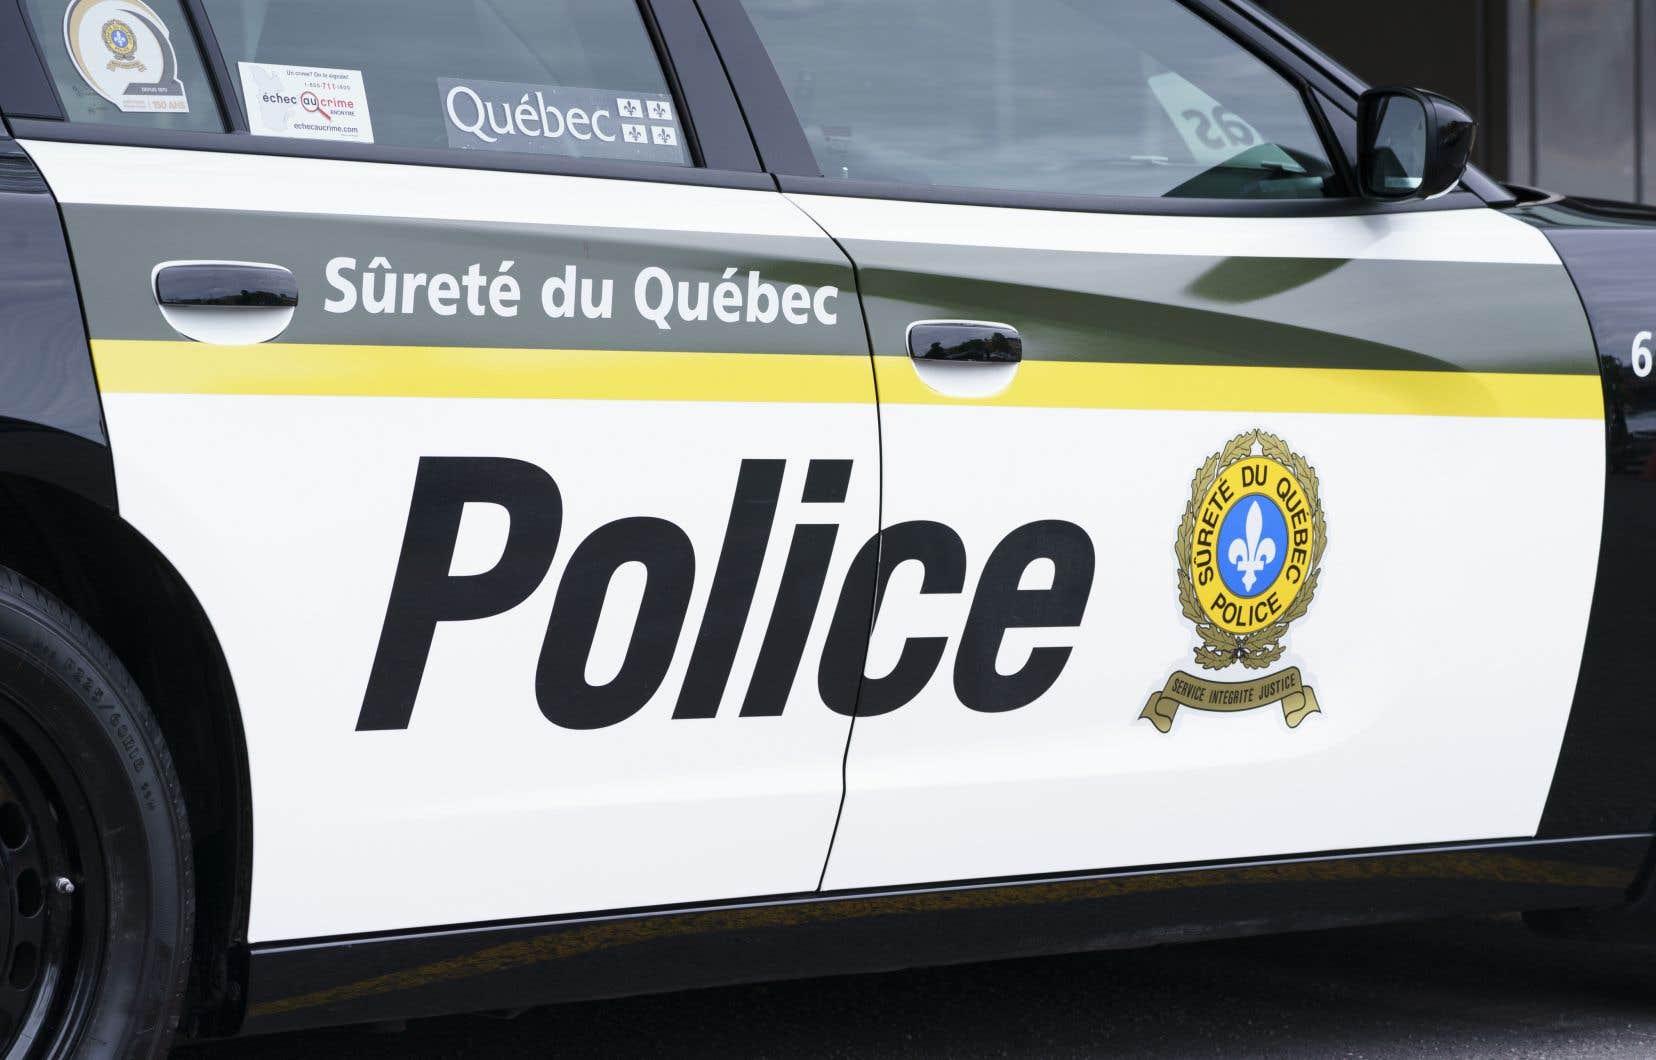 La Sûreté du Québec a confirmé lundi l'homicide d'une femme de 40 ans survenue dans la région de Charlevoix le 18 mars dernier.